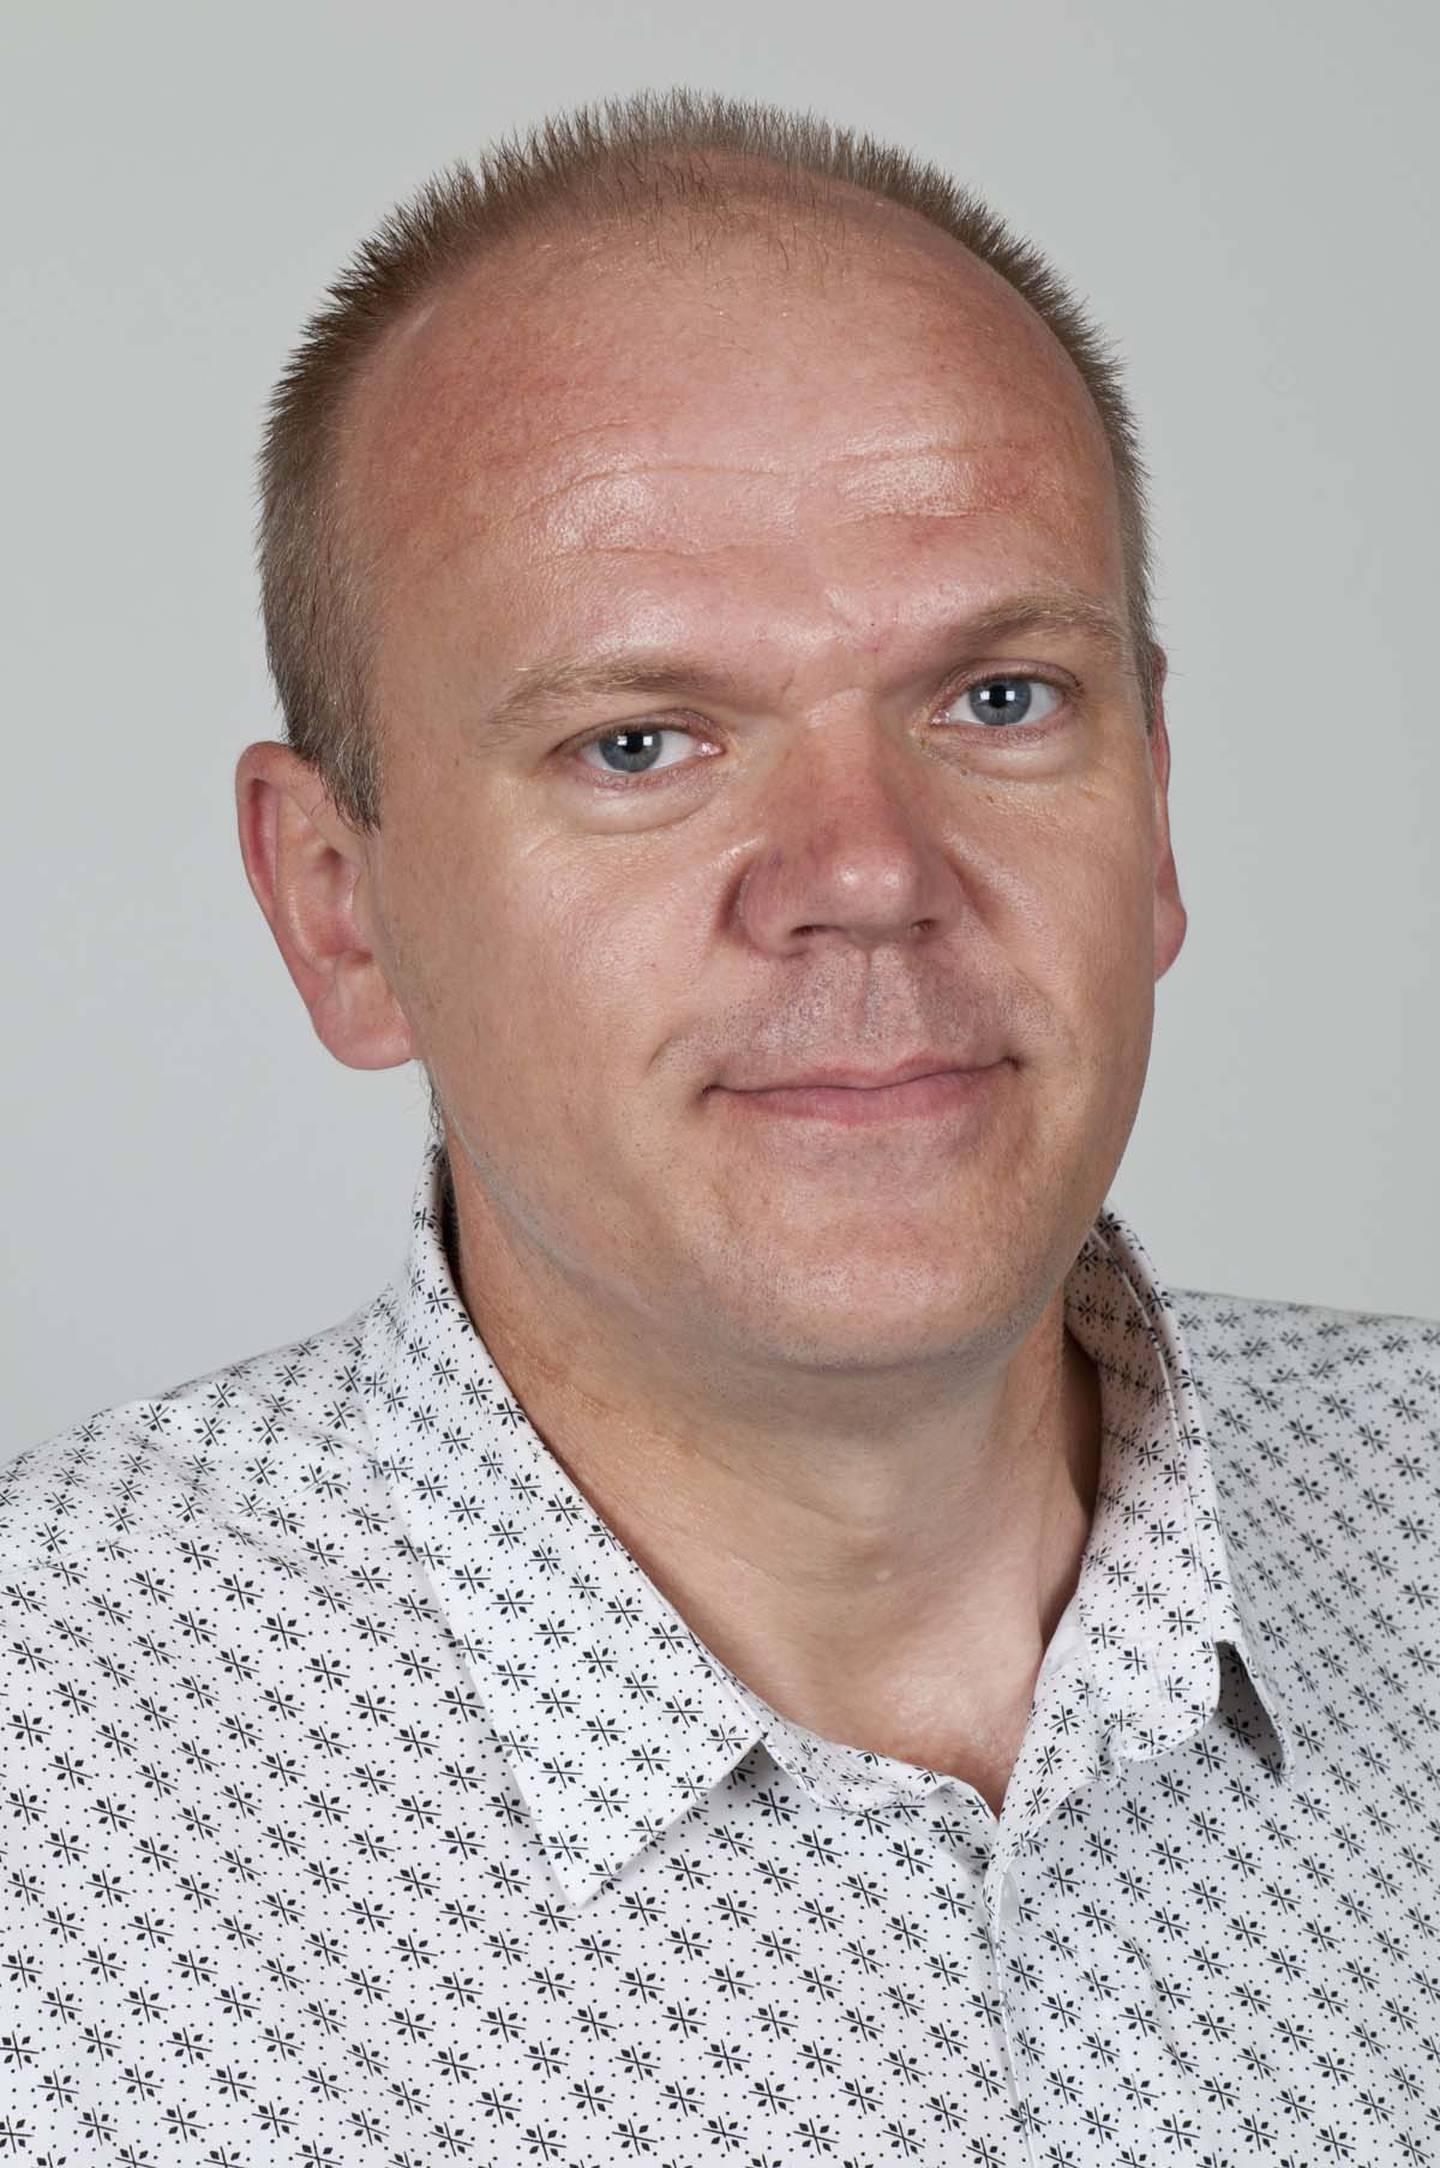 Førsteamanuensis ved Institutt for statsvitenskap, Jan Erling Klausen.